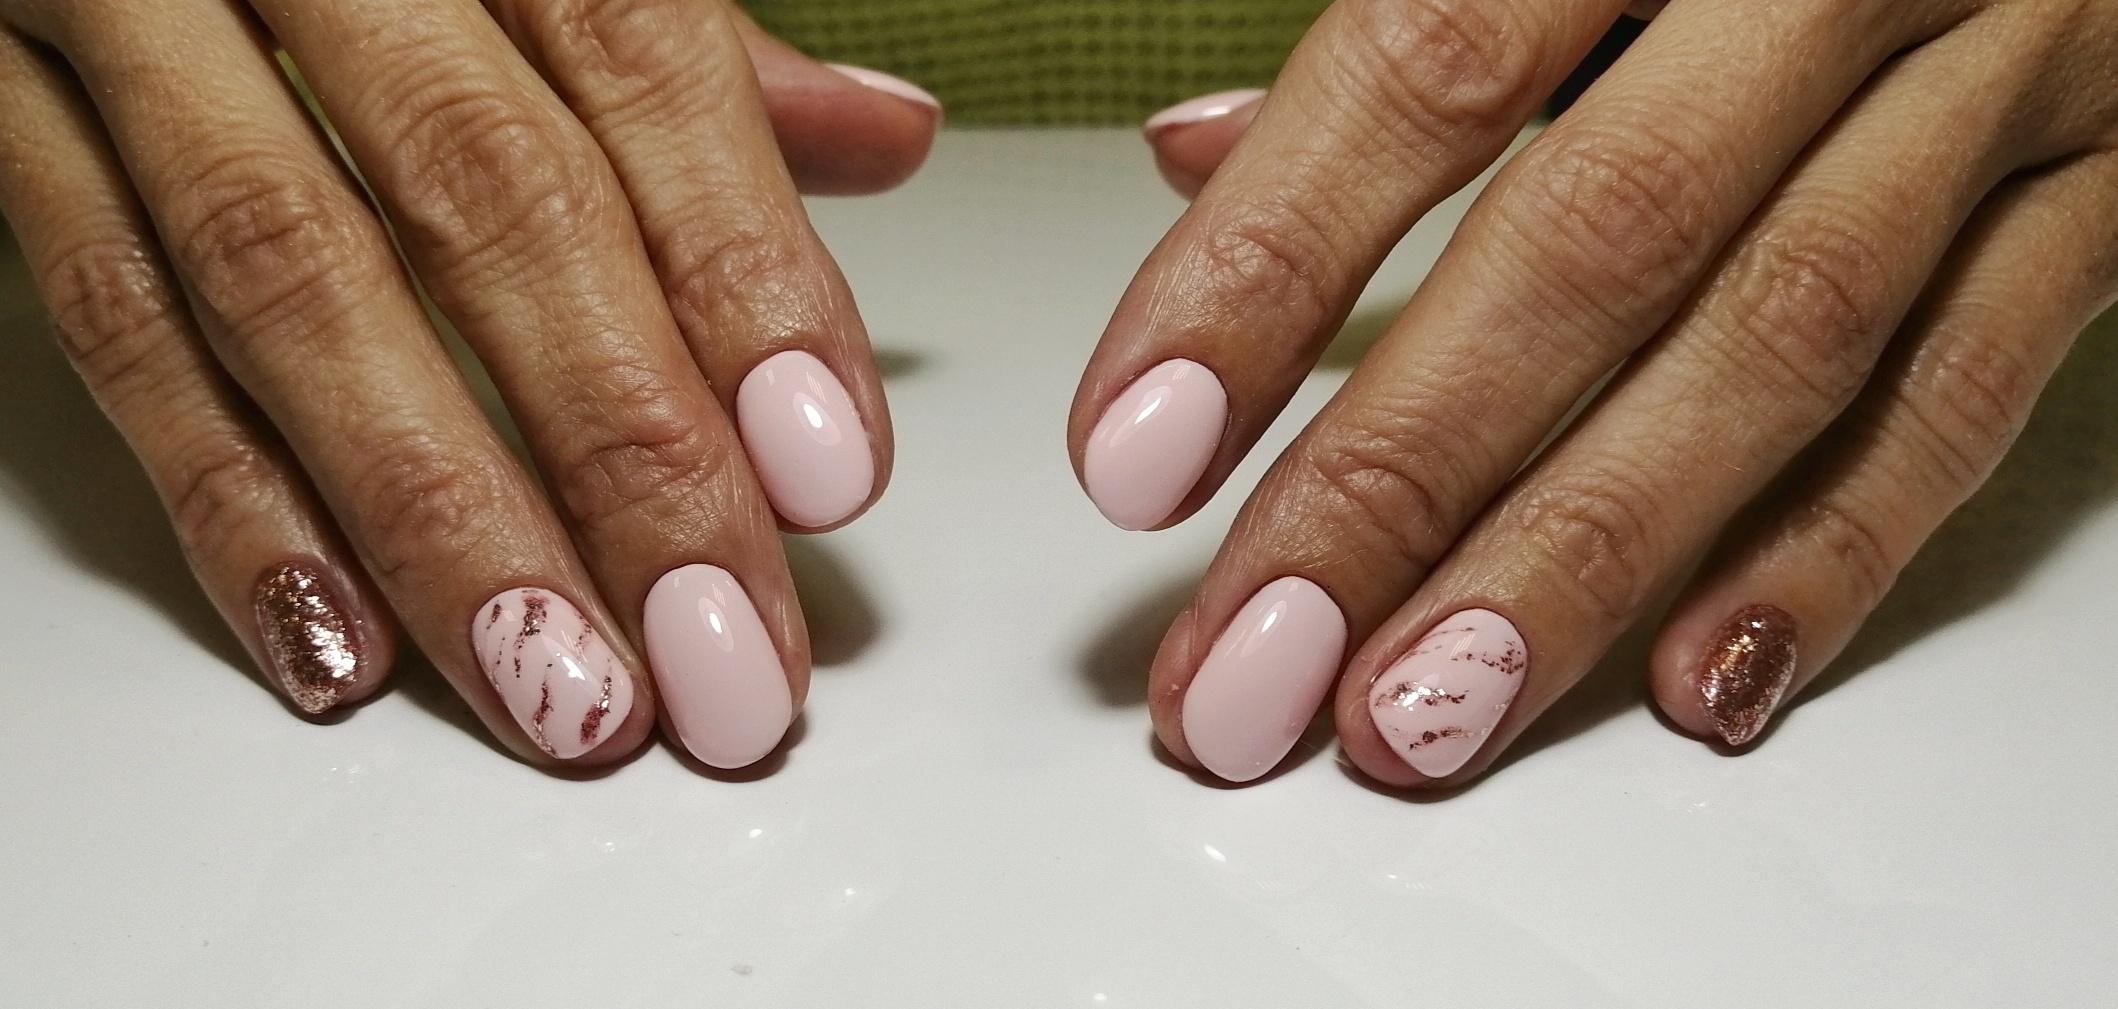 Маникюр в нежном розовом цвете с блёстками в цвете розовое золото.